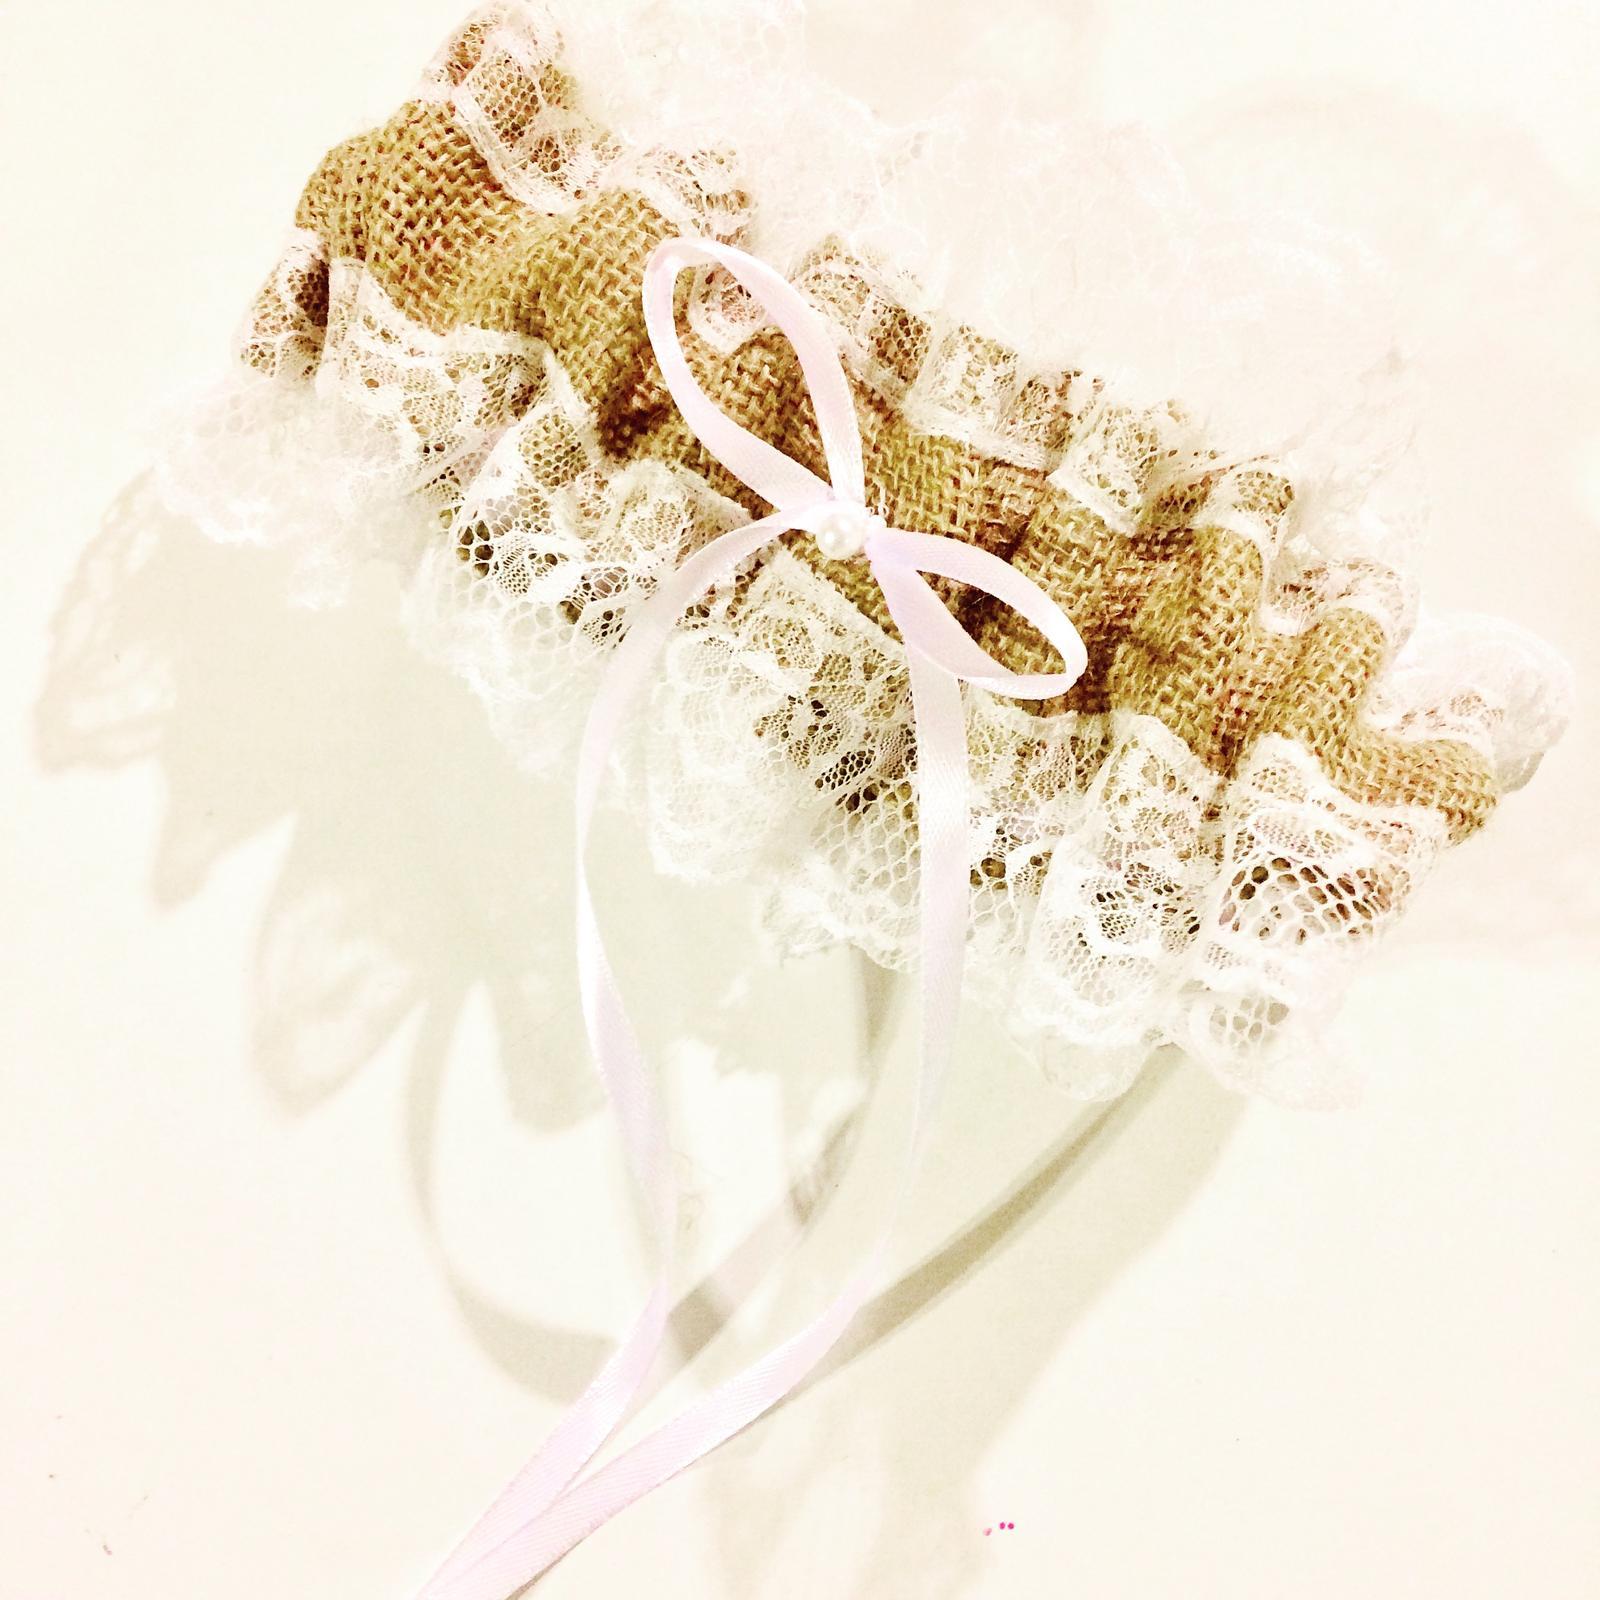 Podvazky na zakázku podle přání - 250 kč Jutový podvazek s krajkou, saténovou stužkou a perličkou